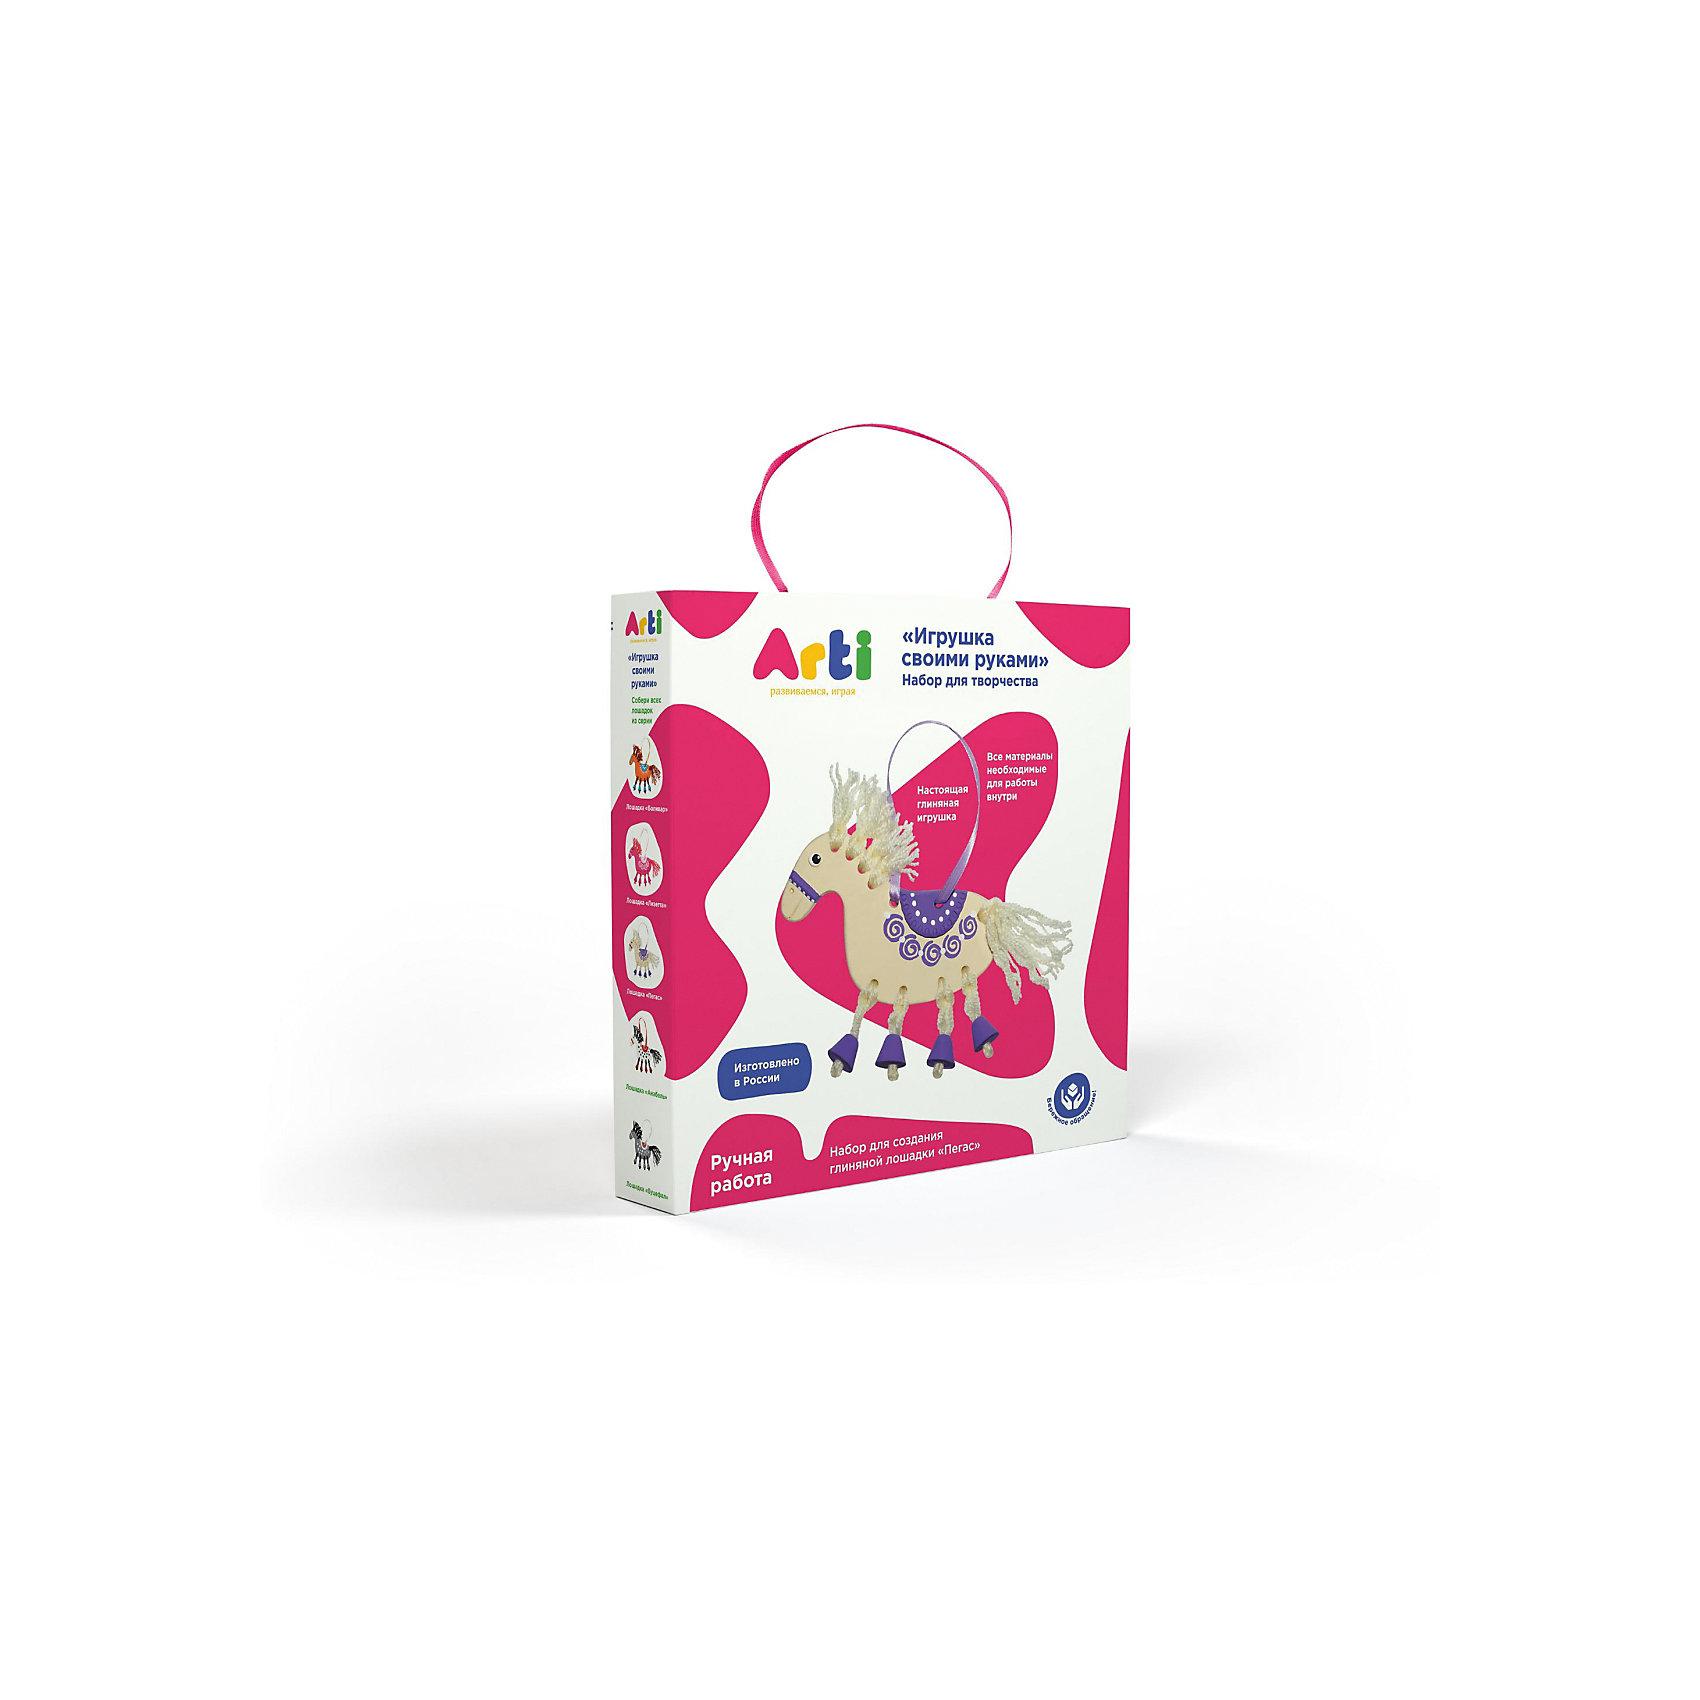 Набор для творчества Глиняная лошадка ПегасНаборы для раскрашивания<br>Набор для творчества Глиняная лошадка Пегас.<br><br>Характеристика: <br><br>• Возраст: от 3 лет<br>• Материал: глина, текстиль, краски, дерево, шерсть. <br>• Размер упаковки: 3х18х18 см. <br>• Комплектация: детали фигурки, акриловые краски, кисть, шерстяные нити, деревянная палочка для работы с нитями, ленточка для подвеса изделия.<br>• Объем 1 баночки с краской: 5 мл.<br>• Развивает моторику рук, мышление, внимание. фантазию, творческие способности. <br><br>С помощью этого замечательного набора ваш ребенок сможет создать яркую глиняную игрушку и раскрасить ее по своему вкусу. Все детали набора выполнены из высококачественных материалов. Доступная простая инструкция позволит детям самим сделать свою лошадку. Получившаяся фигурка обязательно украсит стену детской или же станет отличным подарком, сделанным своими руками. <br><br>Набор для творчества Глиняная лошадка Пегас можно купить в нашем интернет-магазине.<br><br>Ширина мм: 180<br>Глубина мм: 180<br>Высота мм: 30<br>Вес г: 282<br>Возраст от месяцев: 36<br>Возраст до месяцев: 2147483647<br>Пол: Унисекс<br>Возраст: Детский<br>SKU: 5487915